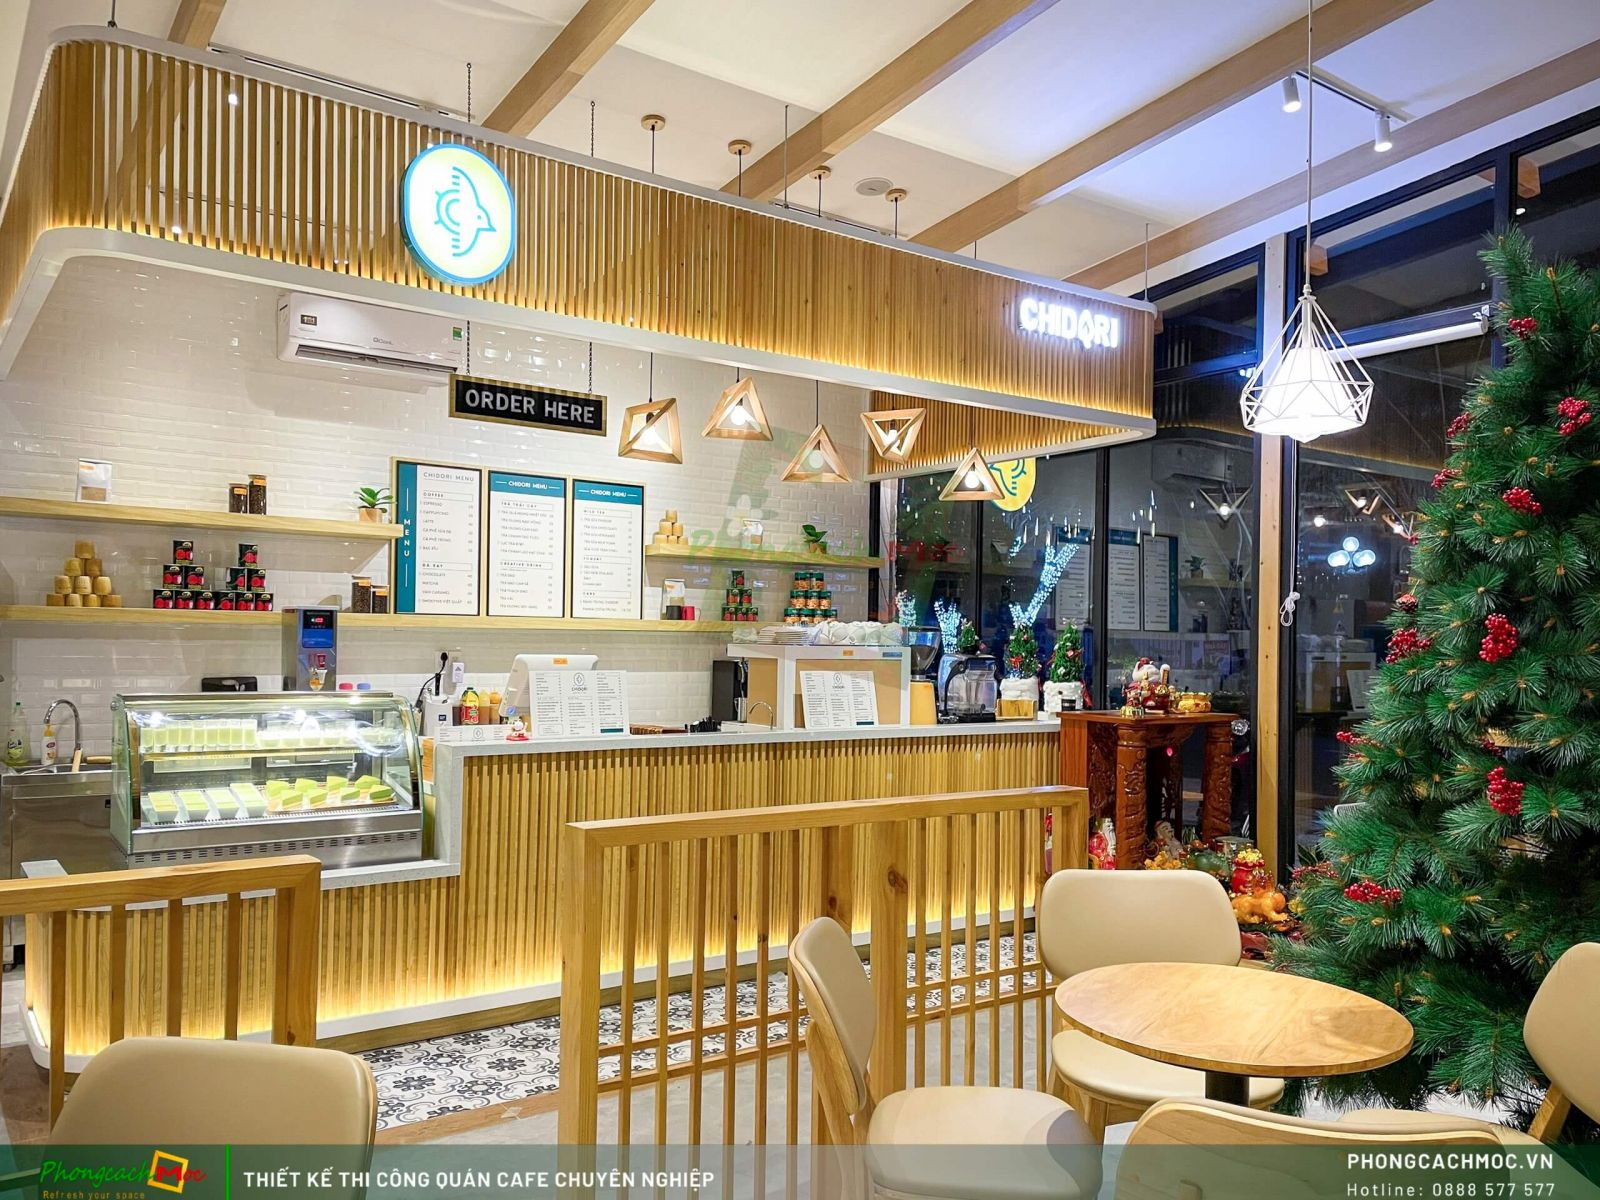 Thiết kế khu quầy pha chế dự án chidori coffee